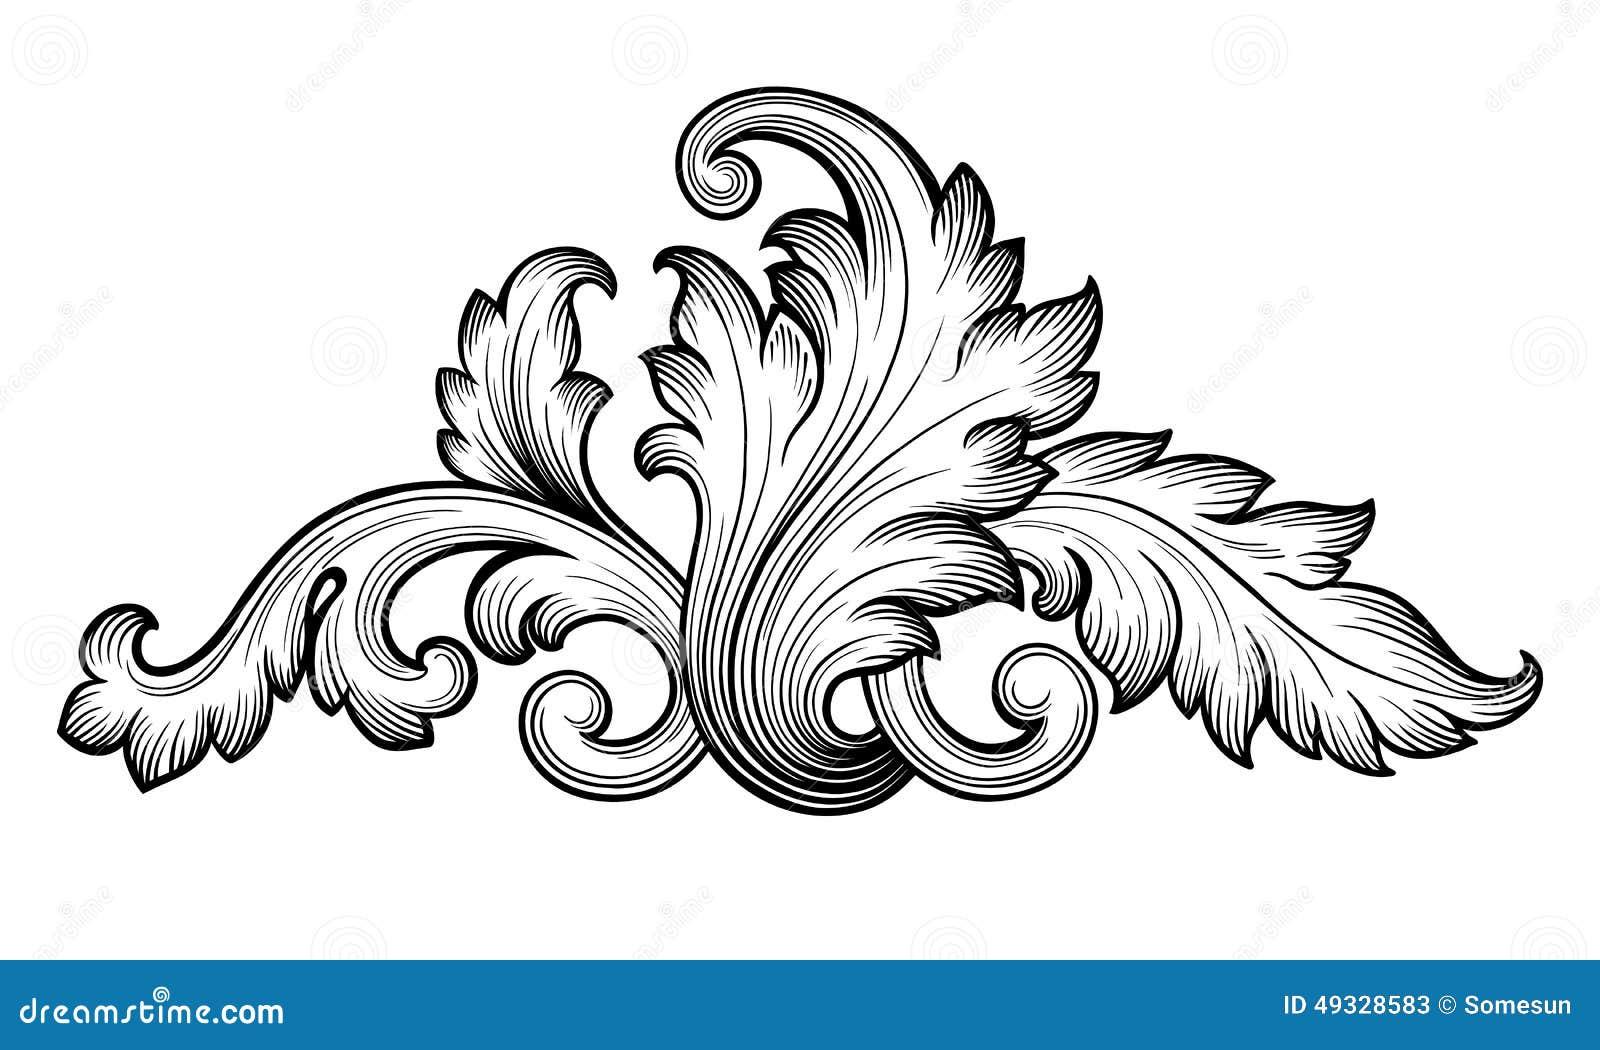 vintage baroque floral scroll ornament vector stock vector illustration of branch leaf 49328583 dreamstime com